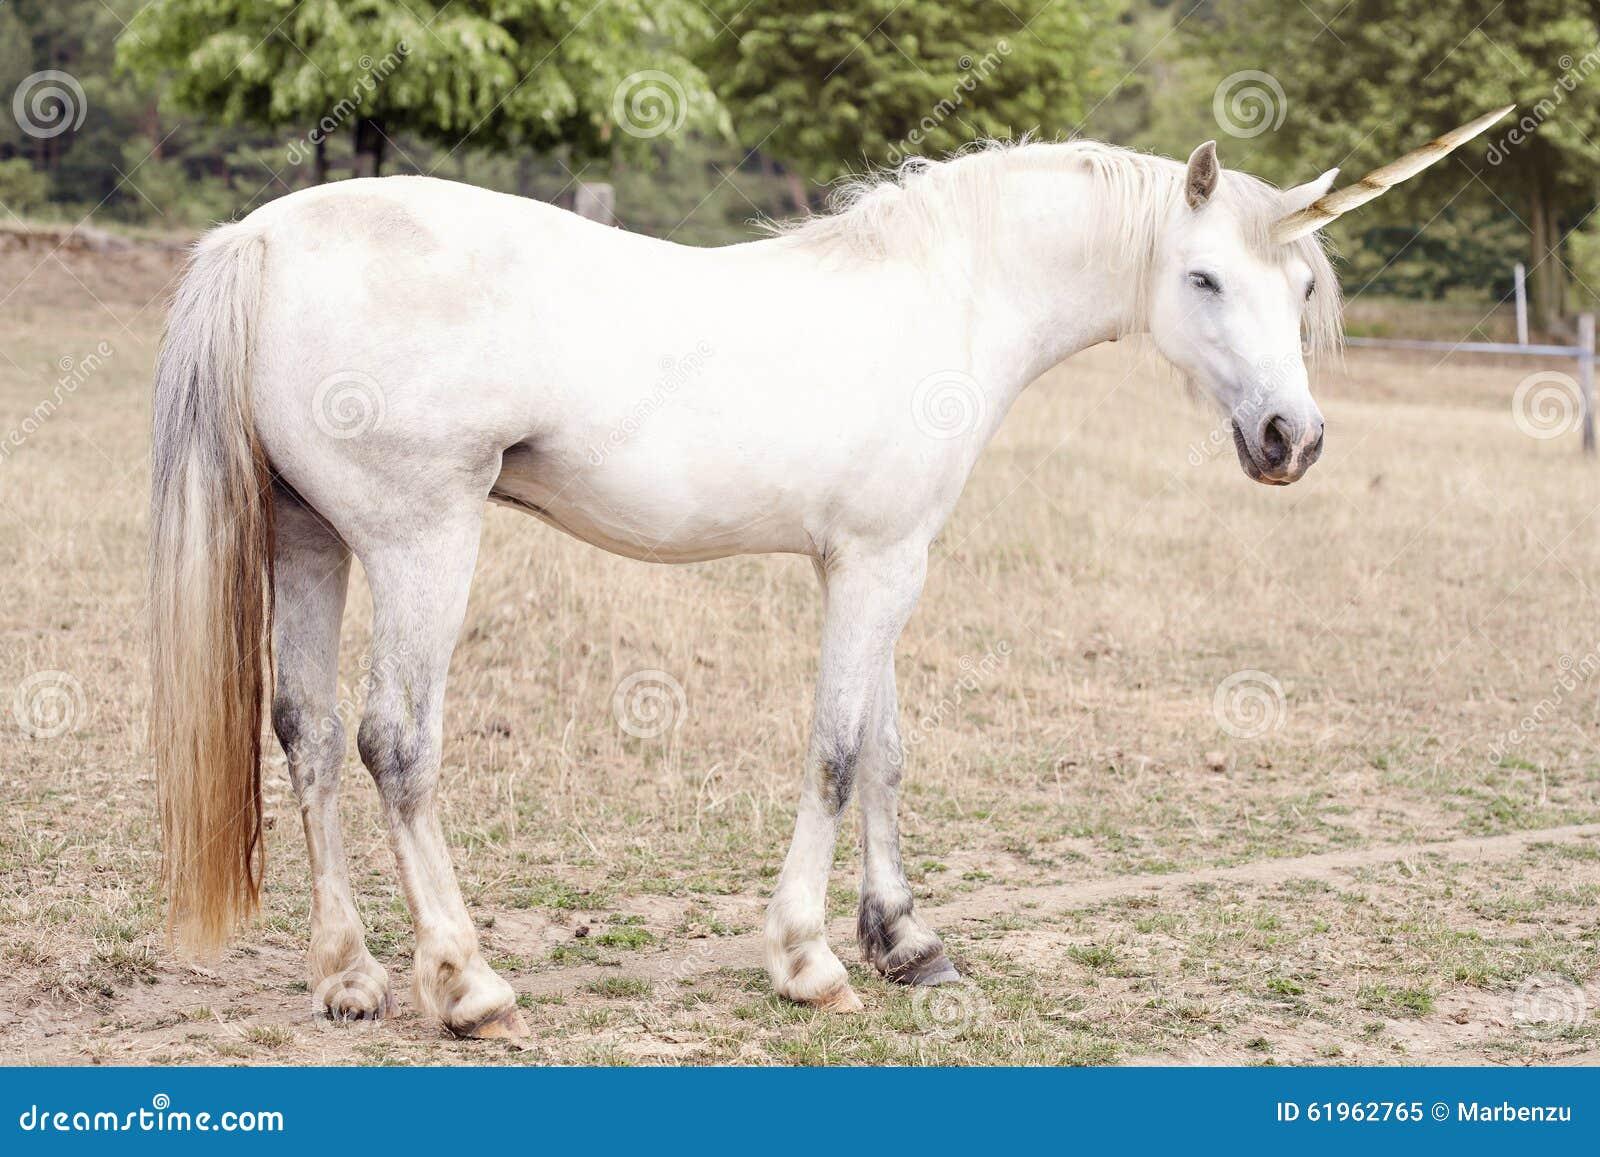 Nature Images 2mb: Unicorn Stock Photo